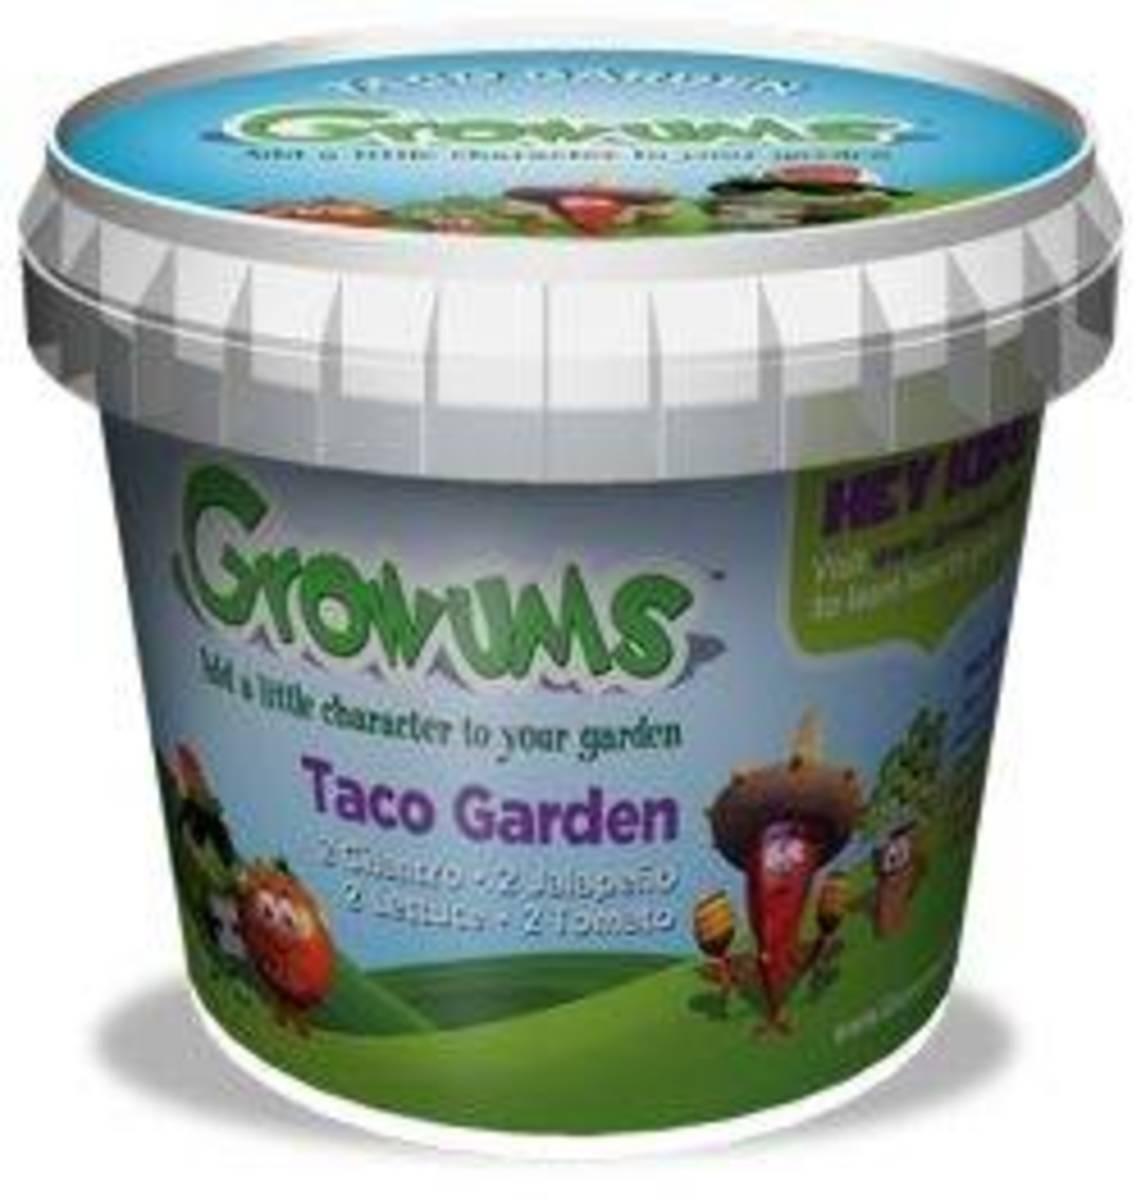 Growums Taco Garden Kit